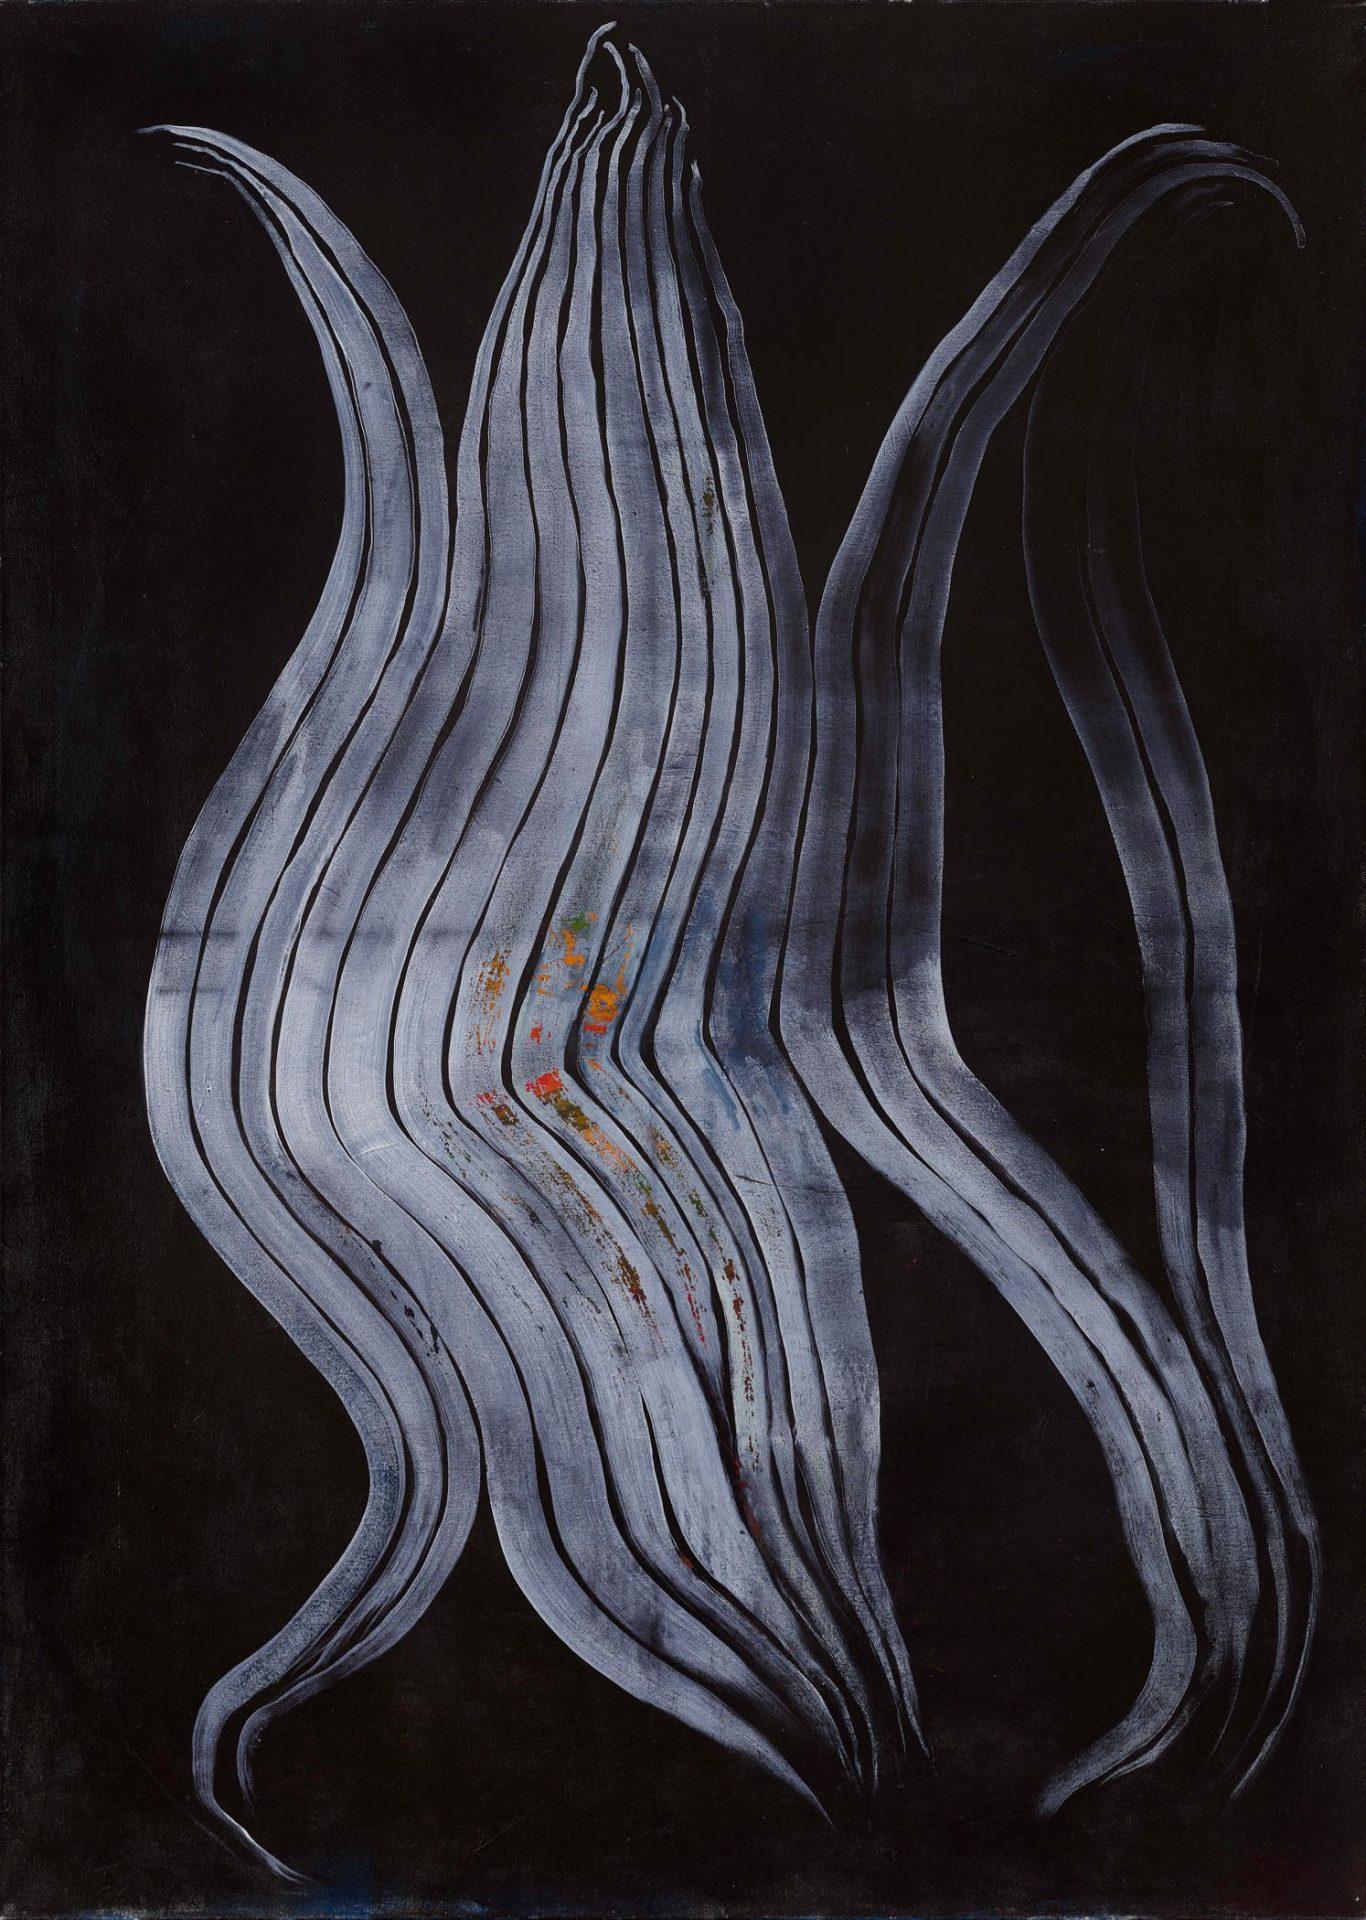 Acrylic On Canvas 140x100cm